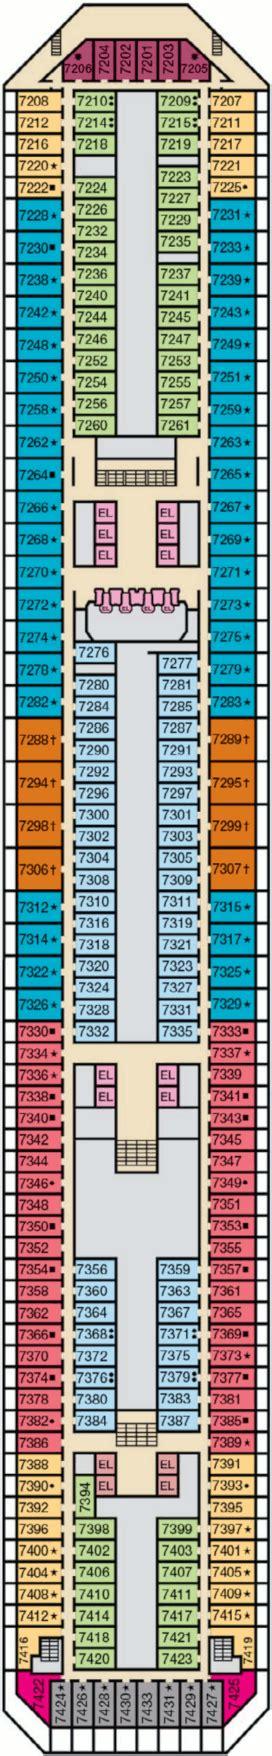 triumph deck plans.aspx Image